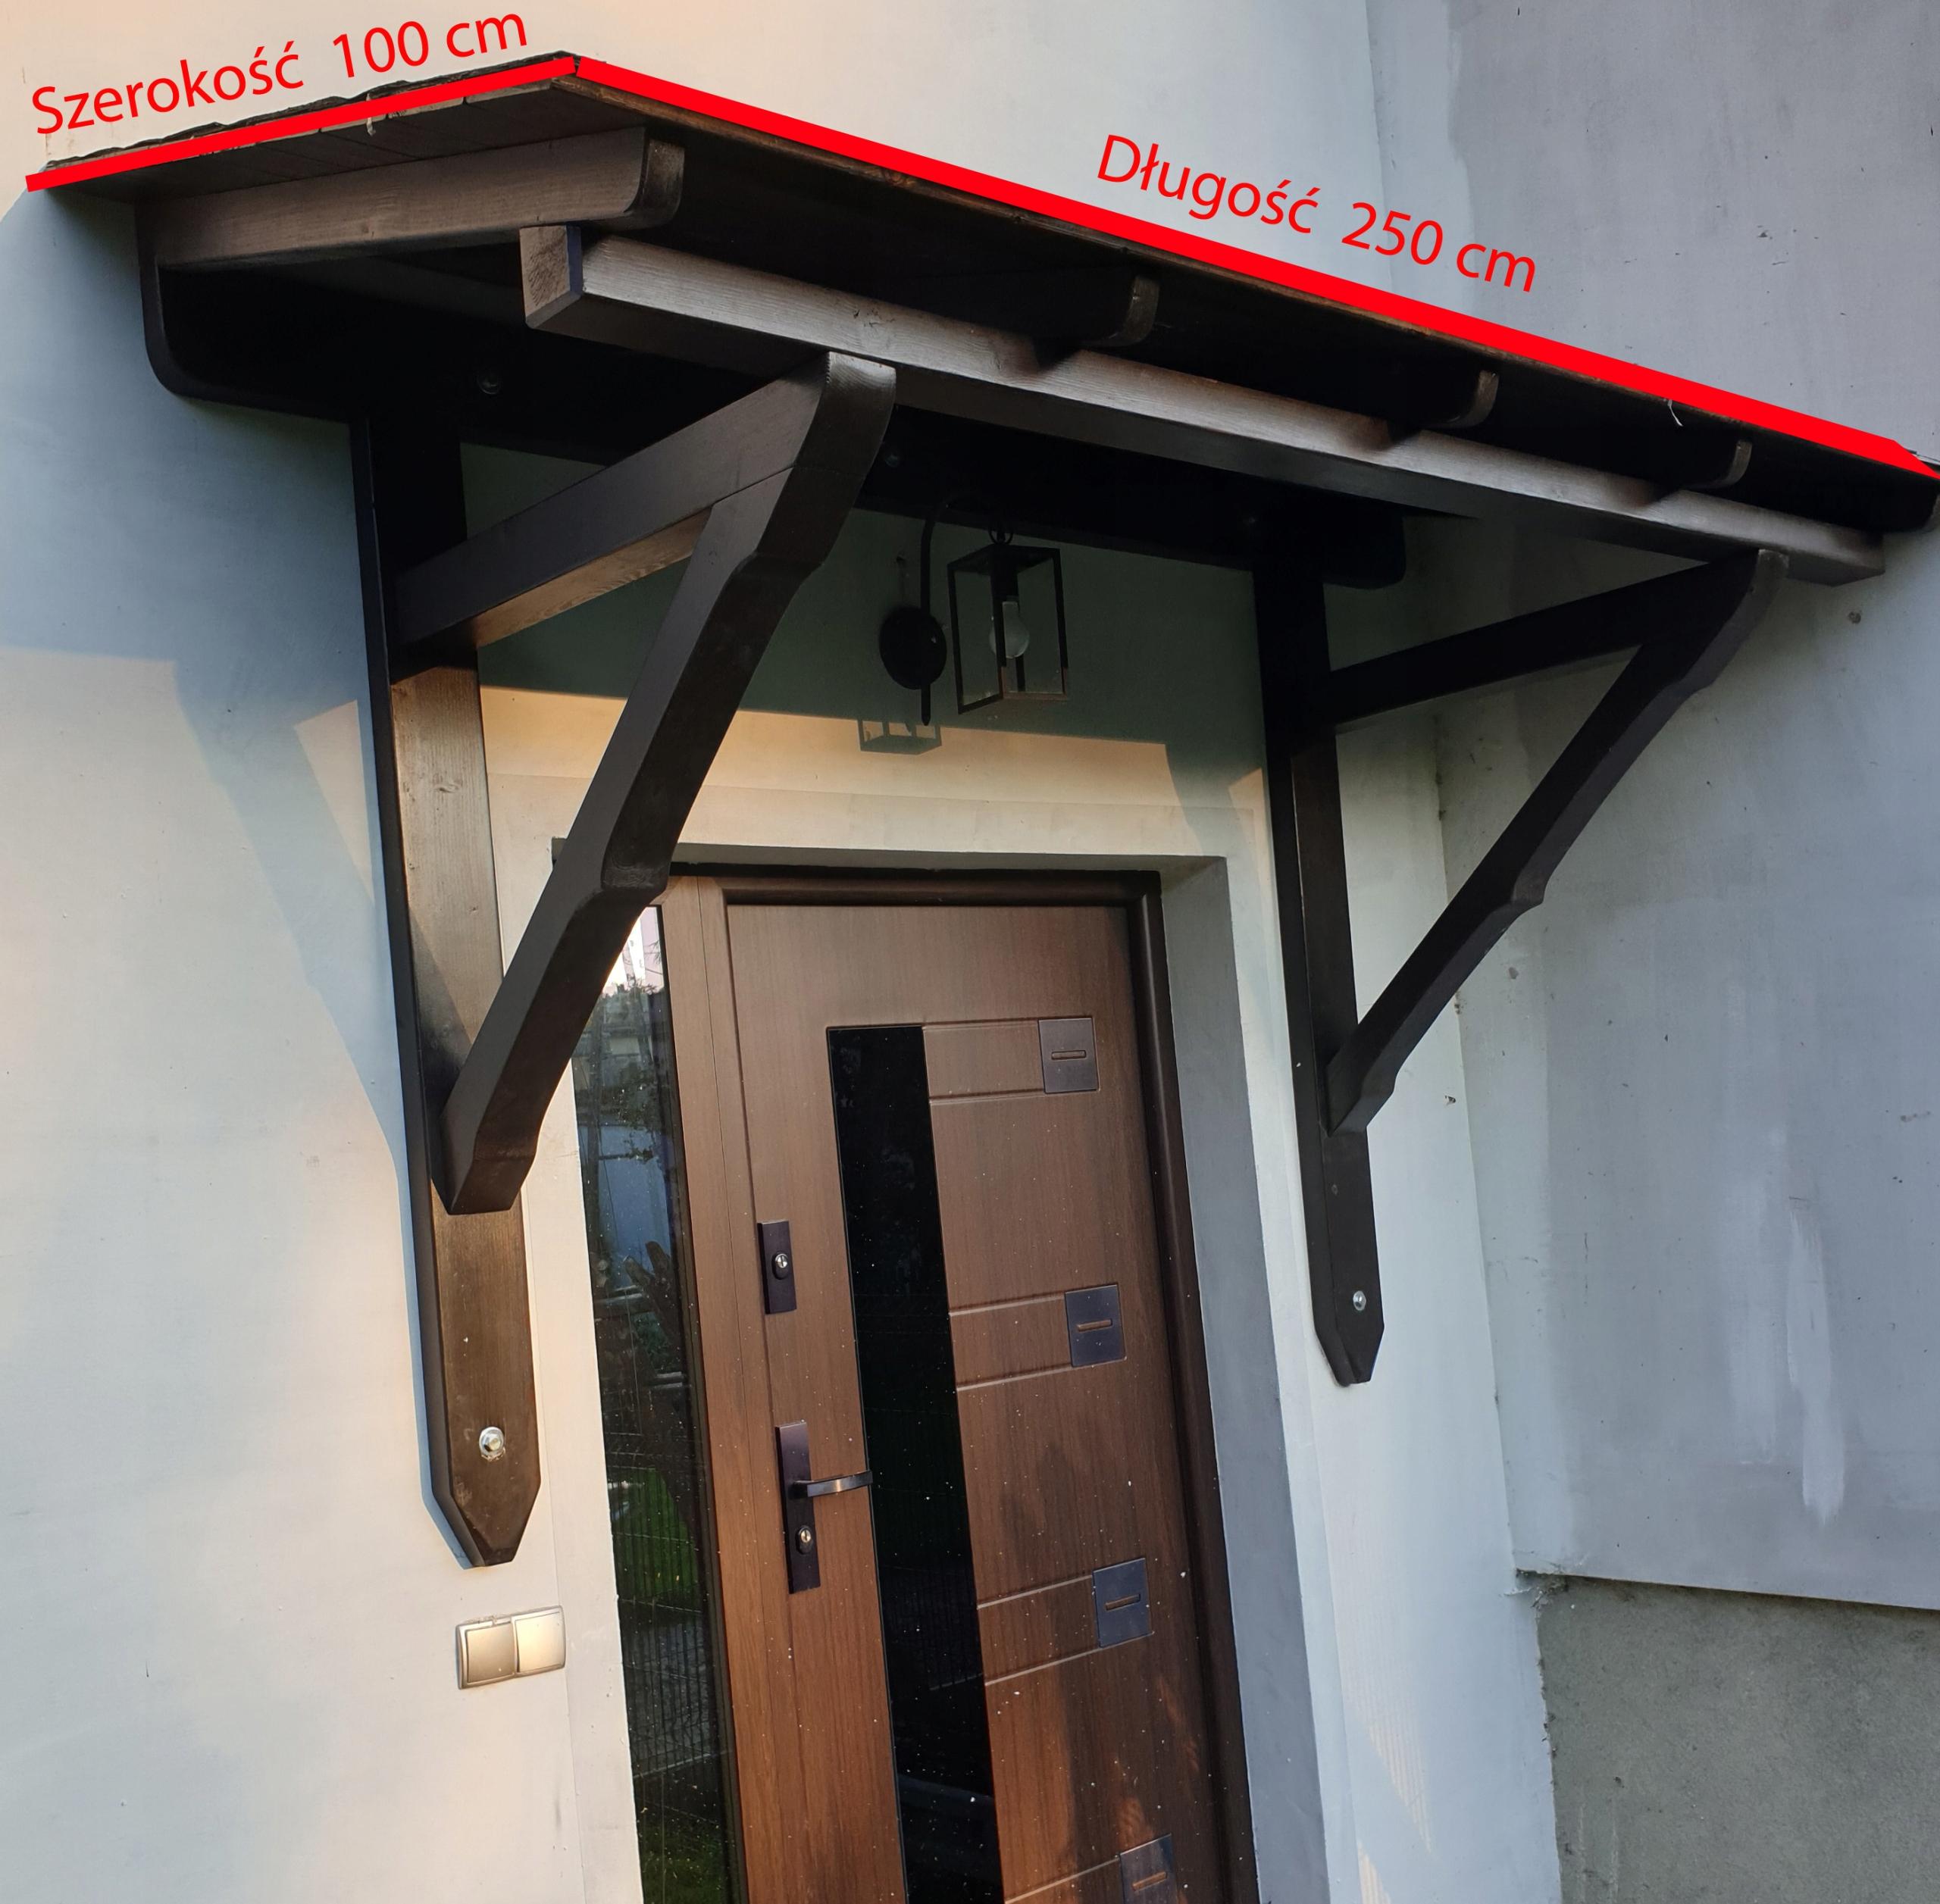 Drevený prístrešok nad dvere EzO 250